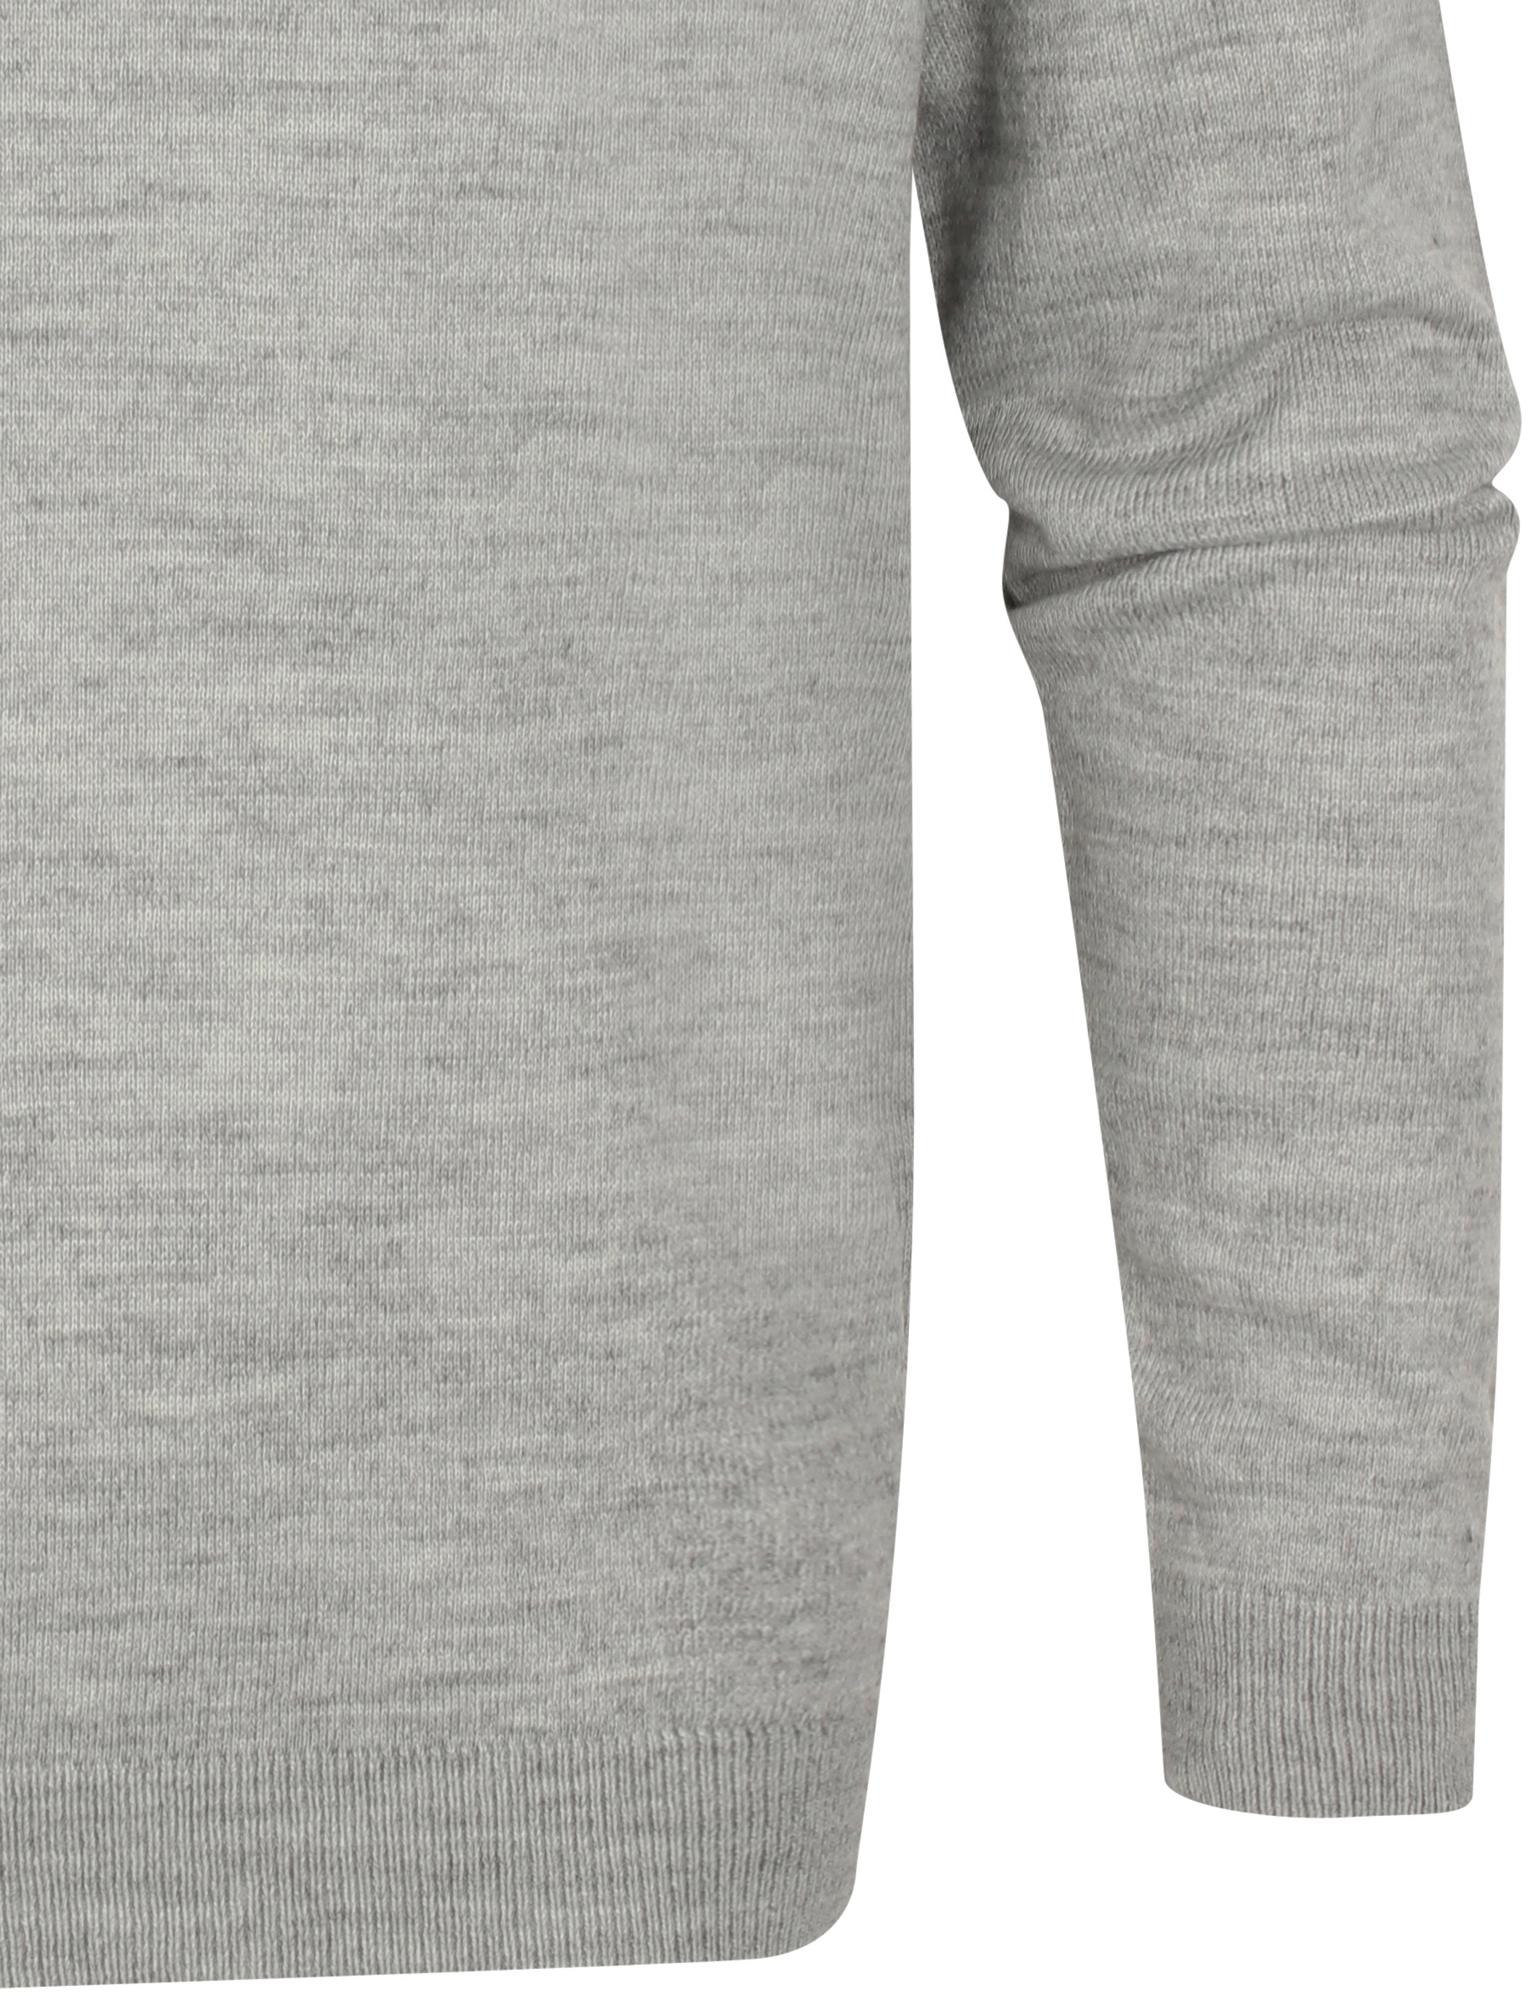 Kensington-Eastside-Men-039-s-Knitted-Crew-or-V-Neck-Jumper-Sweater-Top-Pullover thumbnail 13